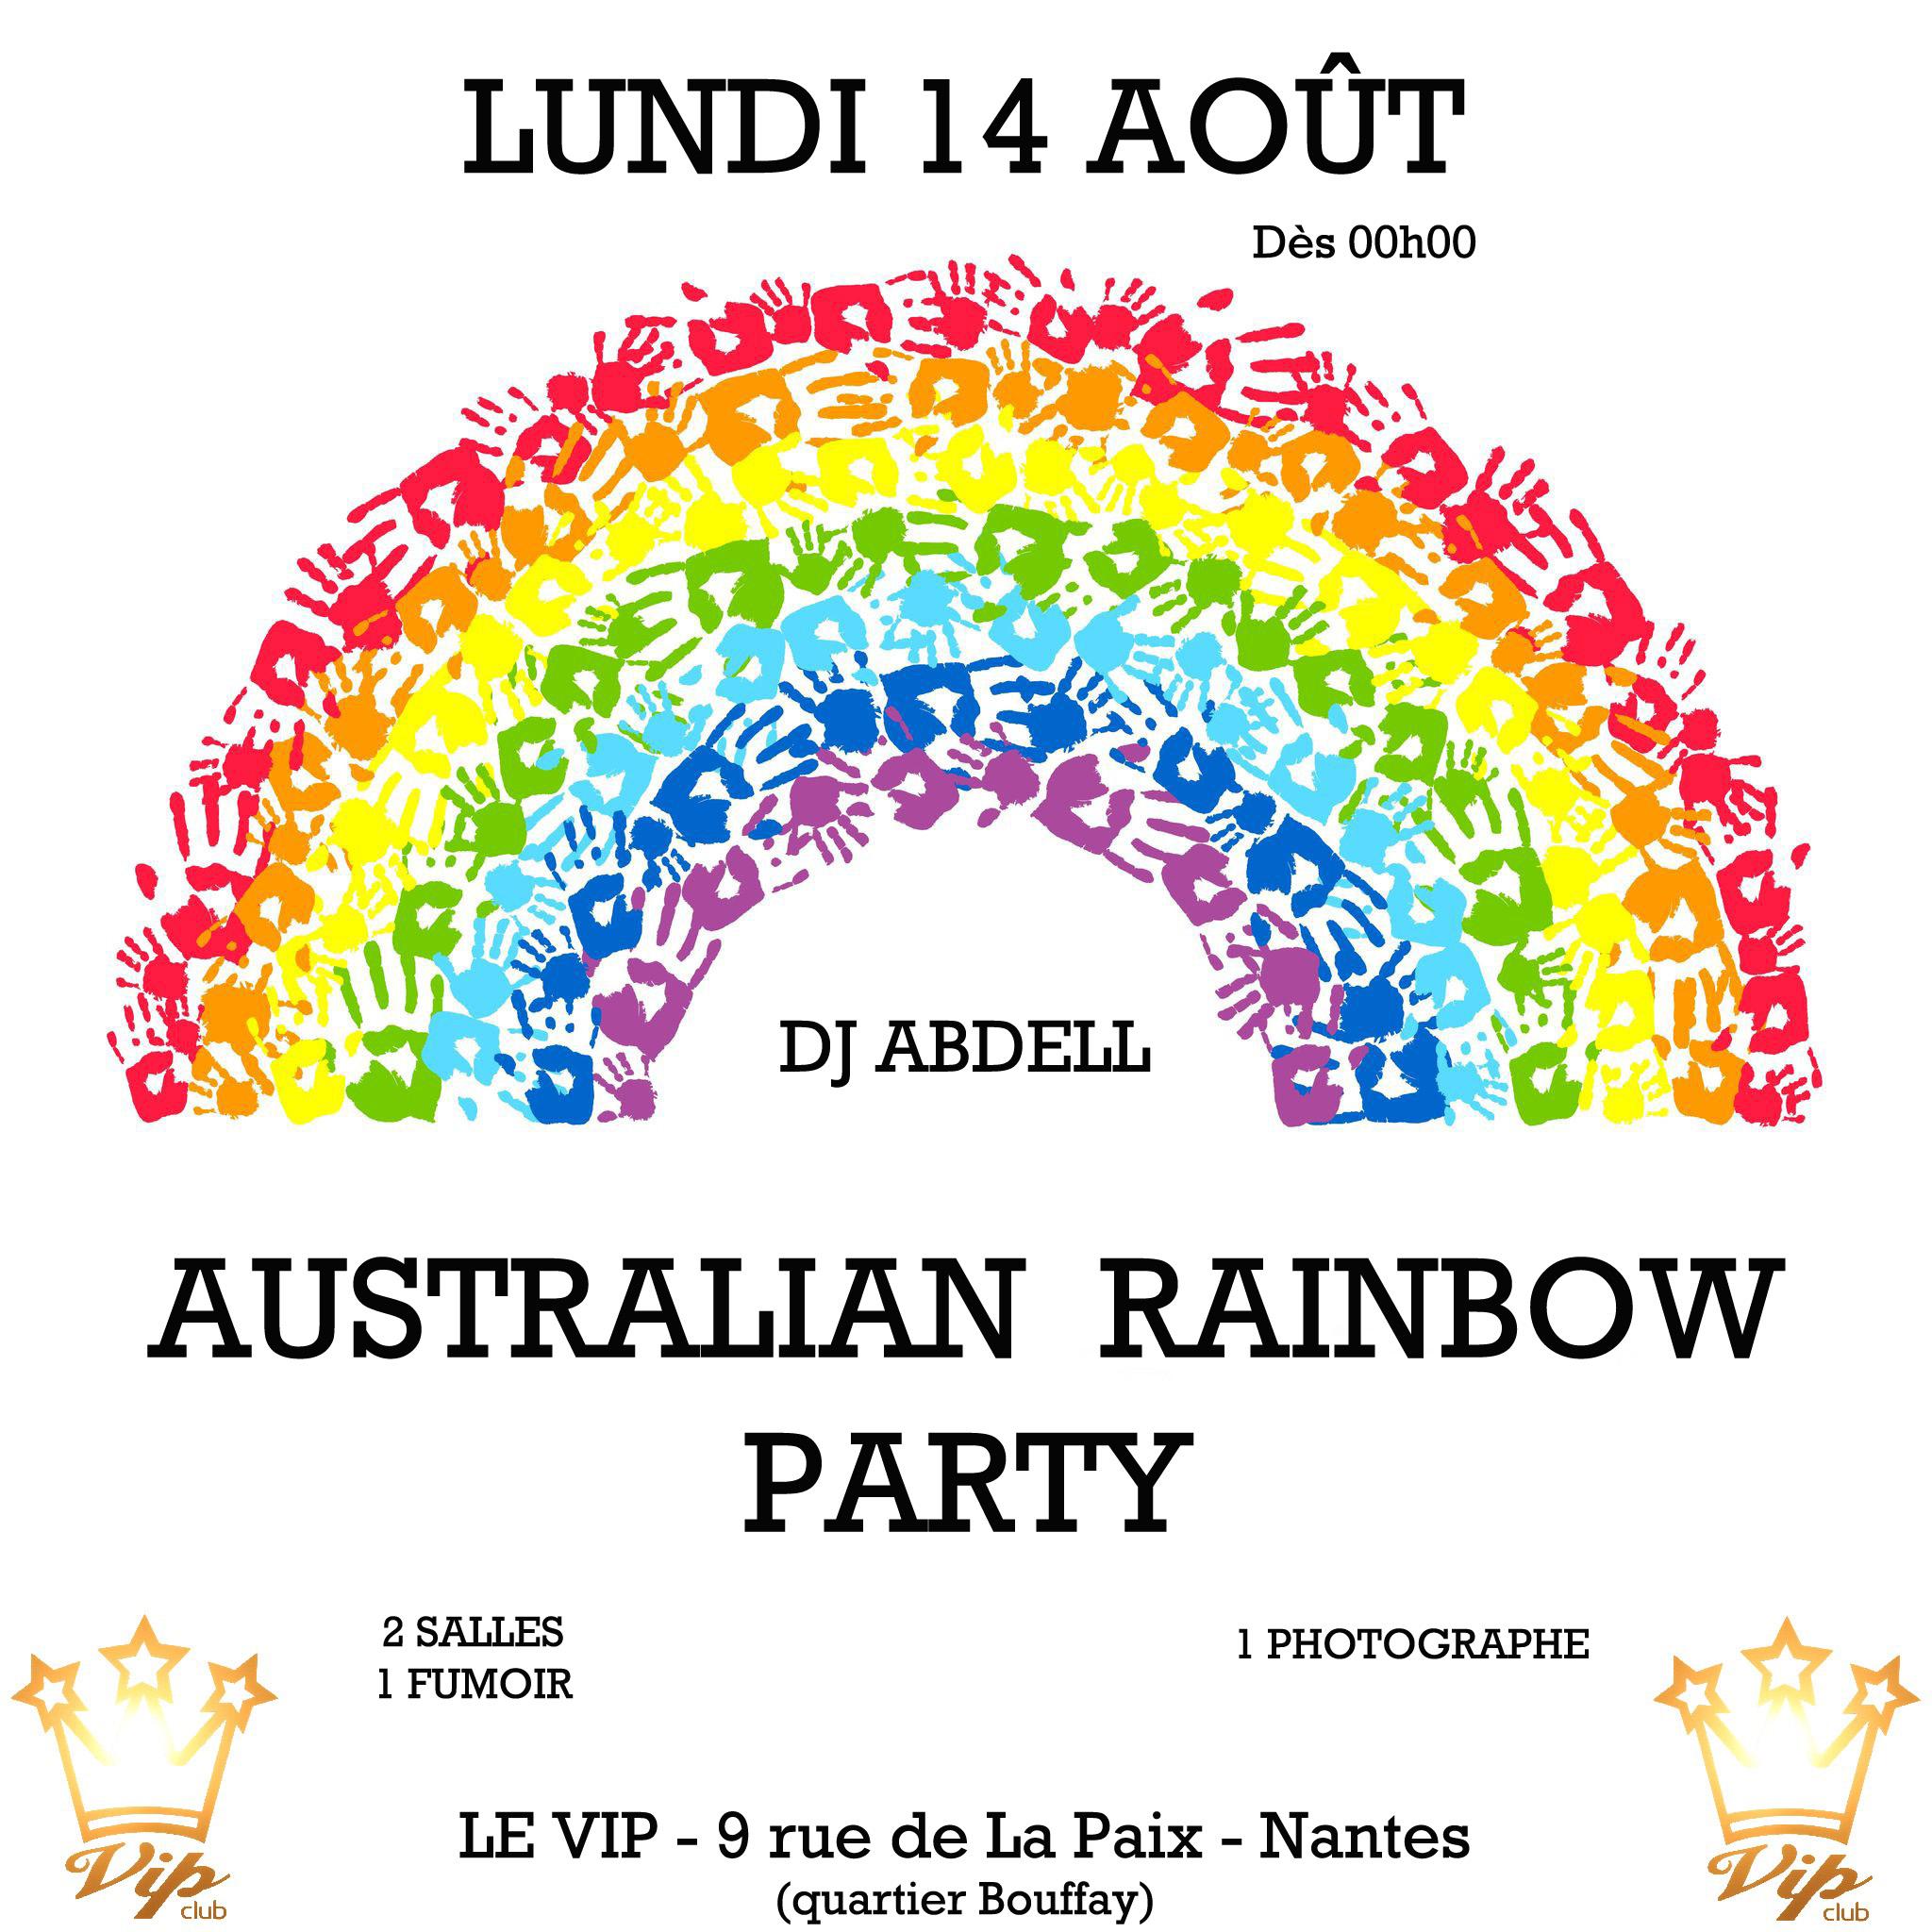 AUSTRALIAN RAINBOW PARTY